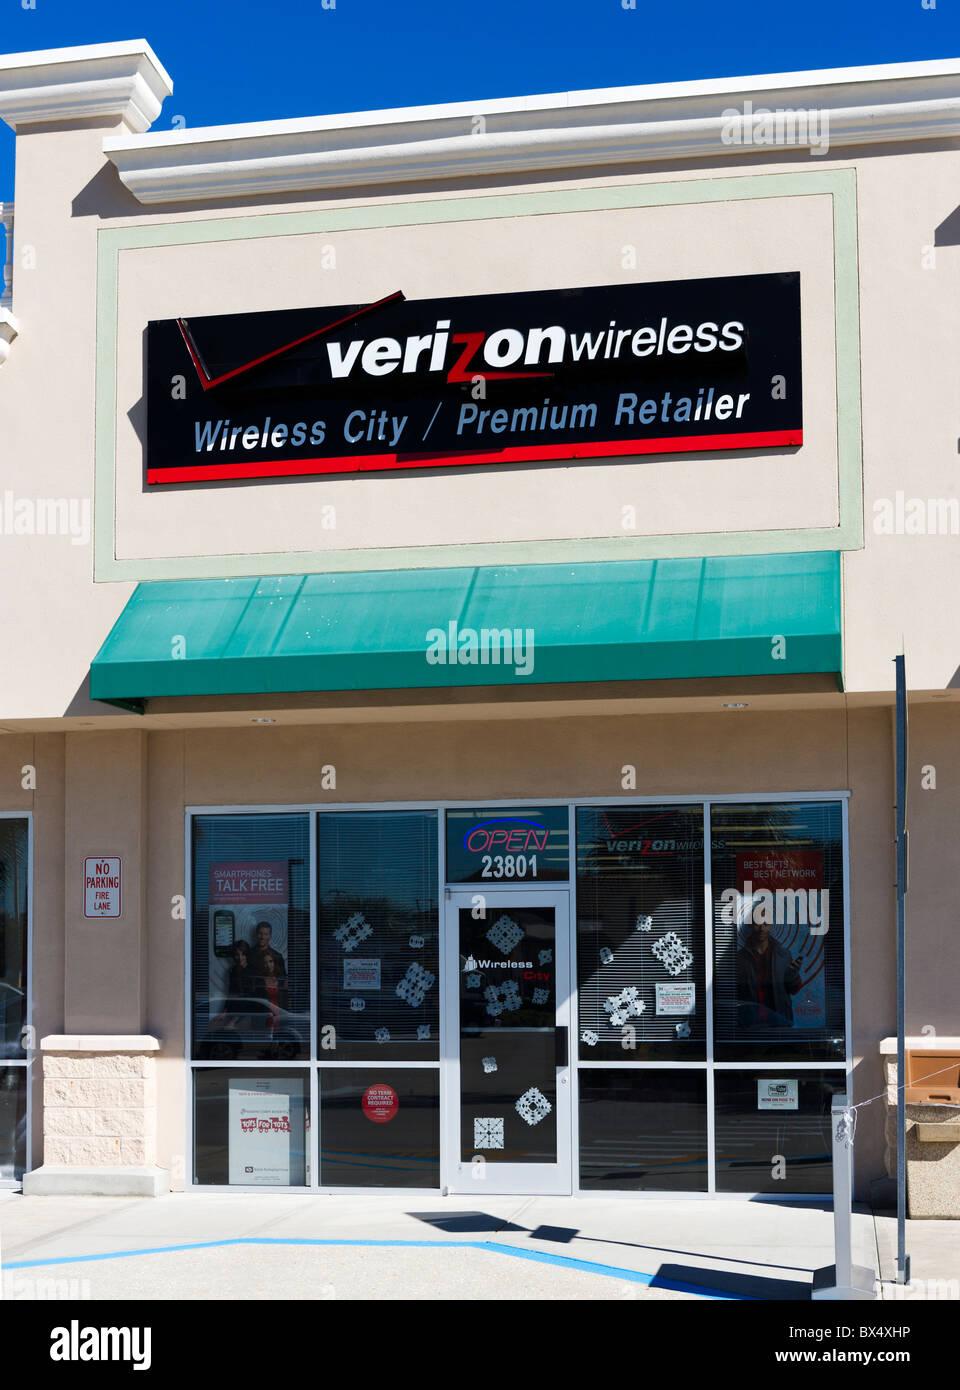 Un magasin de détail sans fil Verizon près de The Eagle Ridge Mall, Lake Wales, Central Florida, USA Banque D'Images